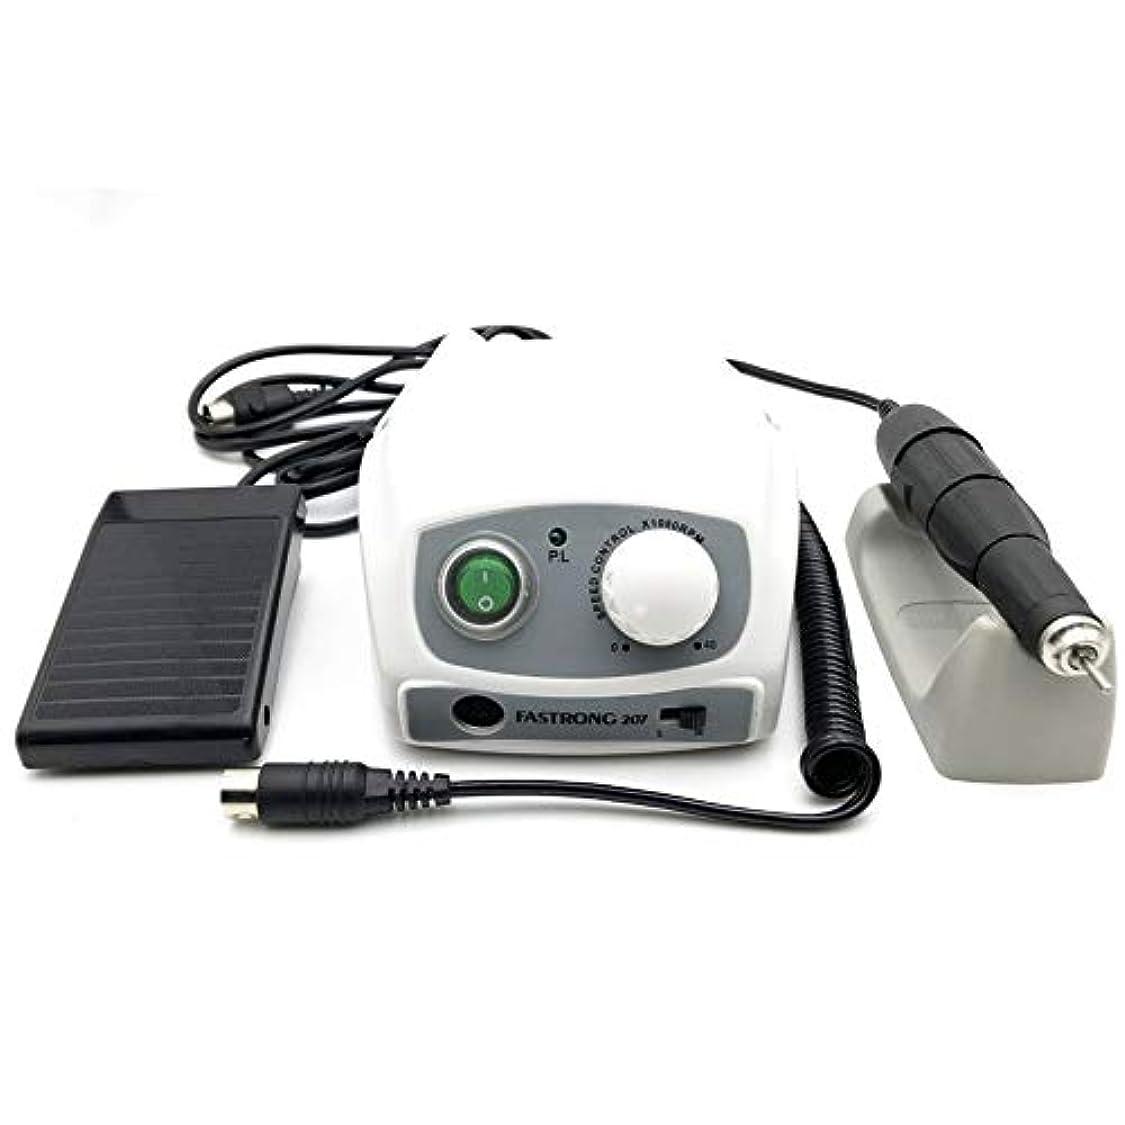 解釈パークぜいたく電気マニキュアドリルセット40000RPMコントロールボックス210 102 Lマニキュアデバイス用マイクロモーターハンドピース